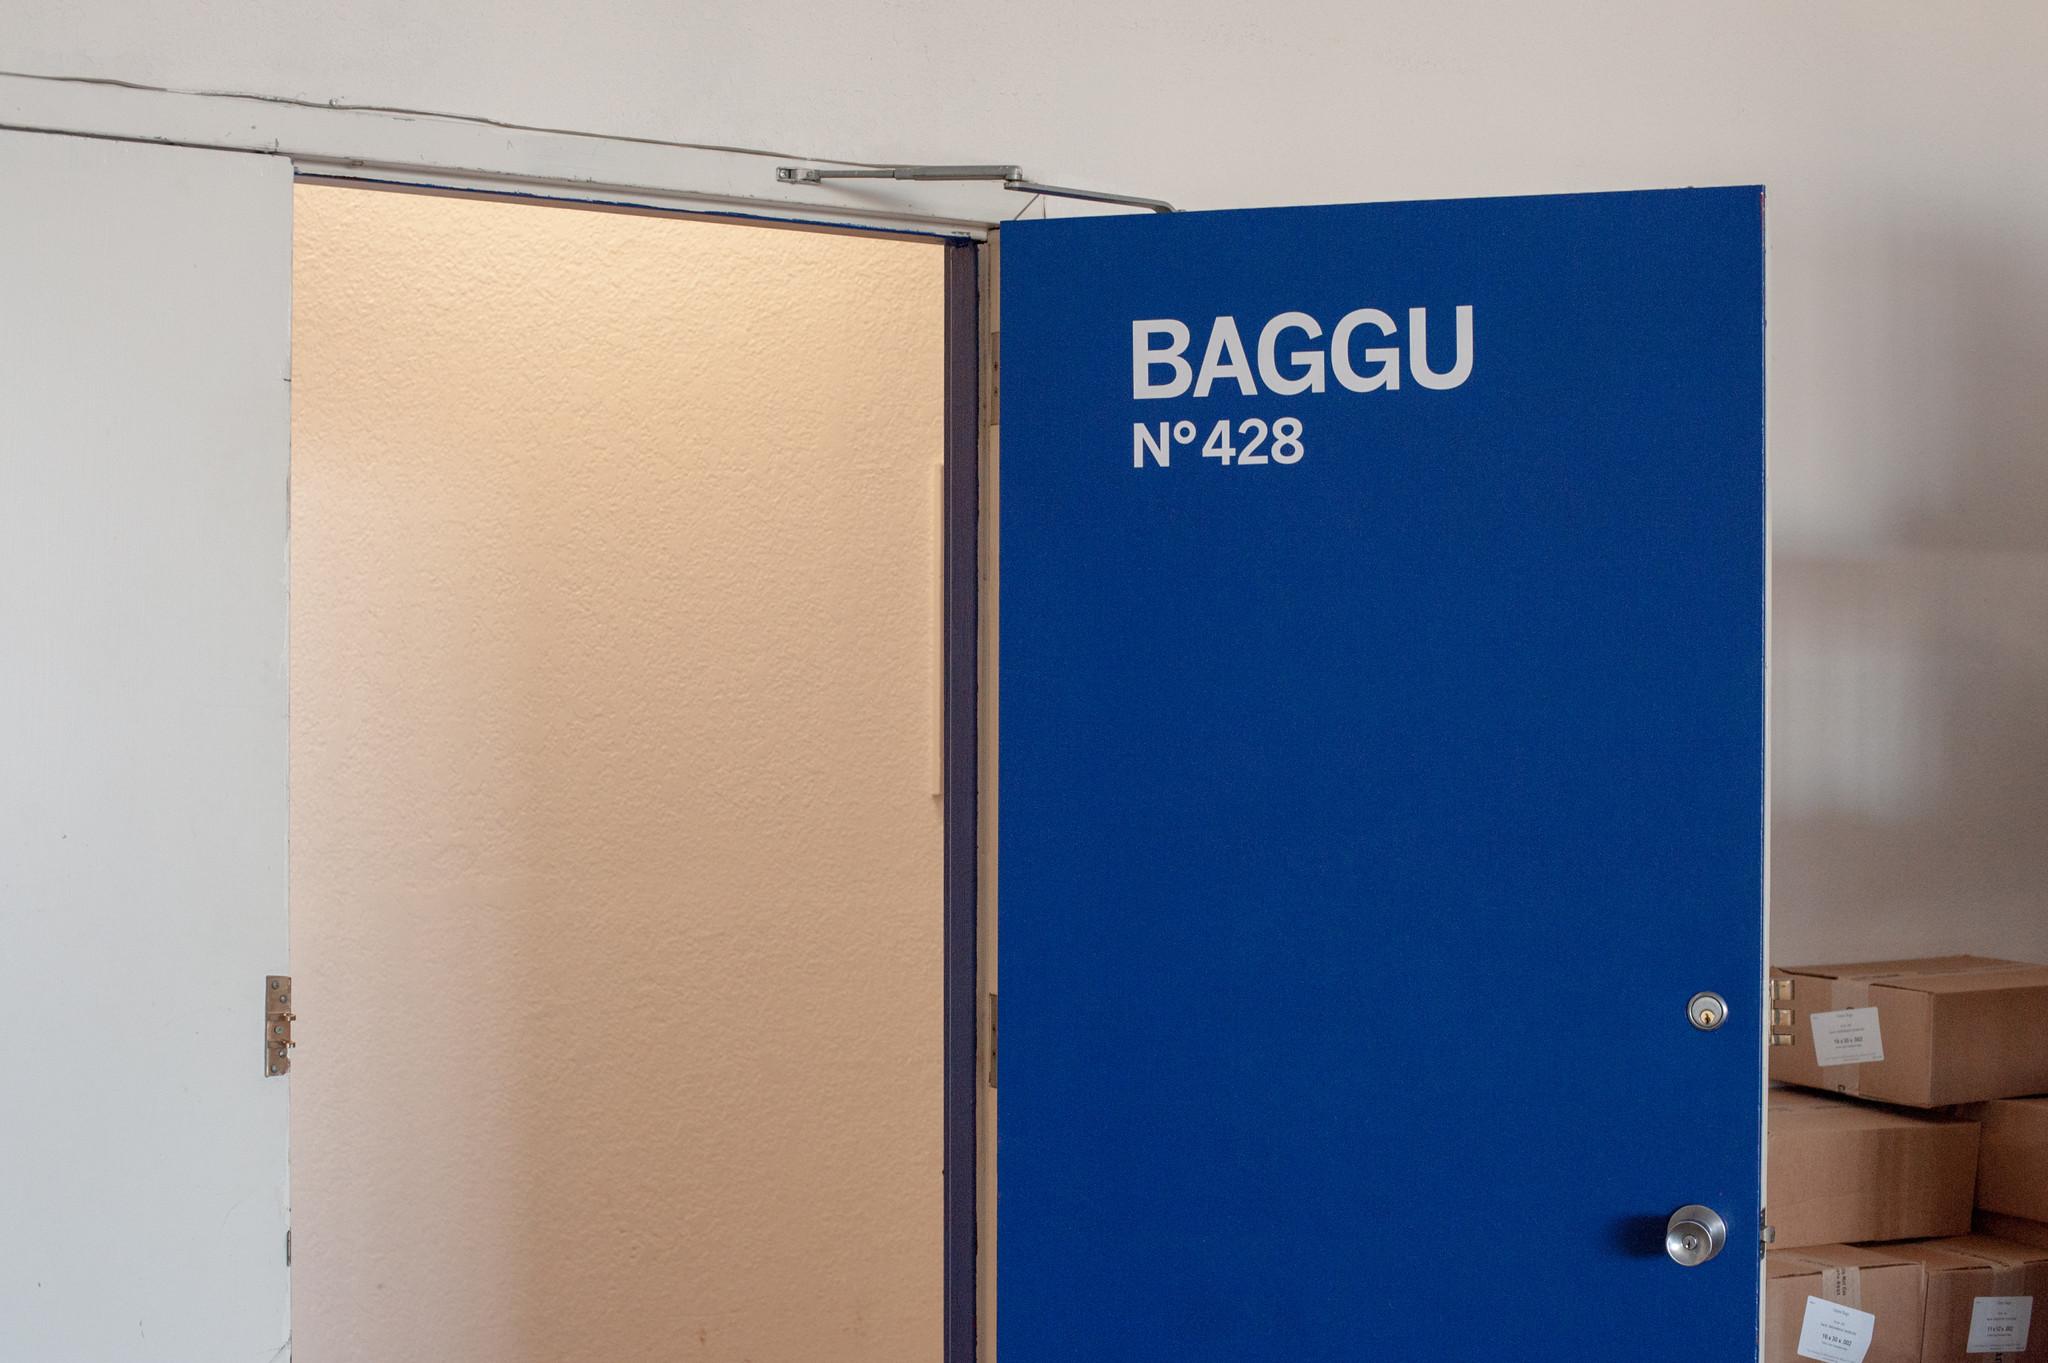 Introducing: BAGGU